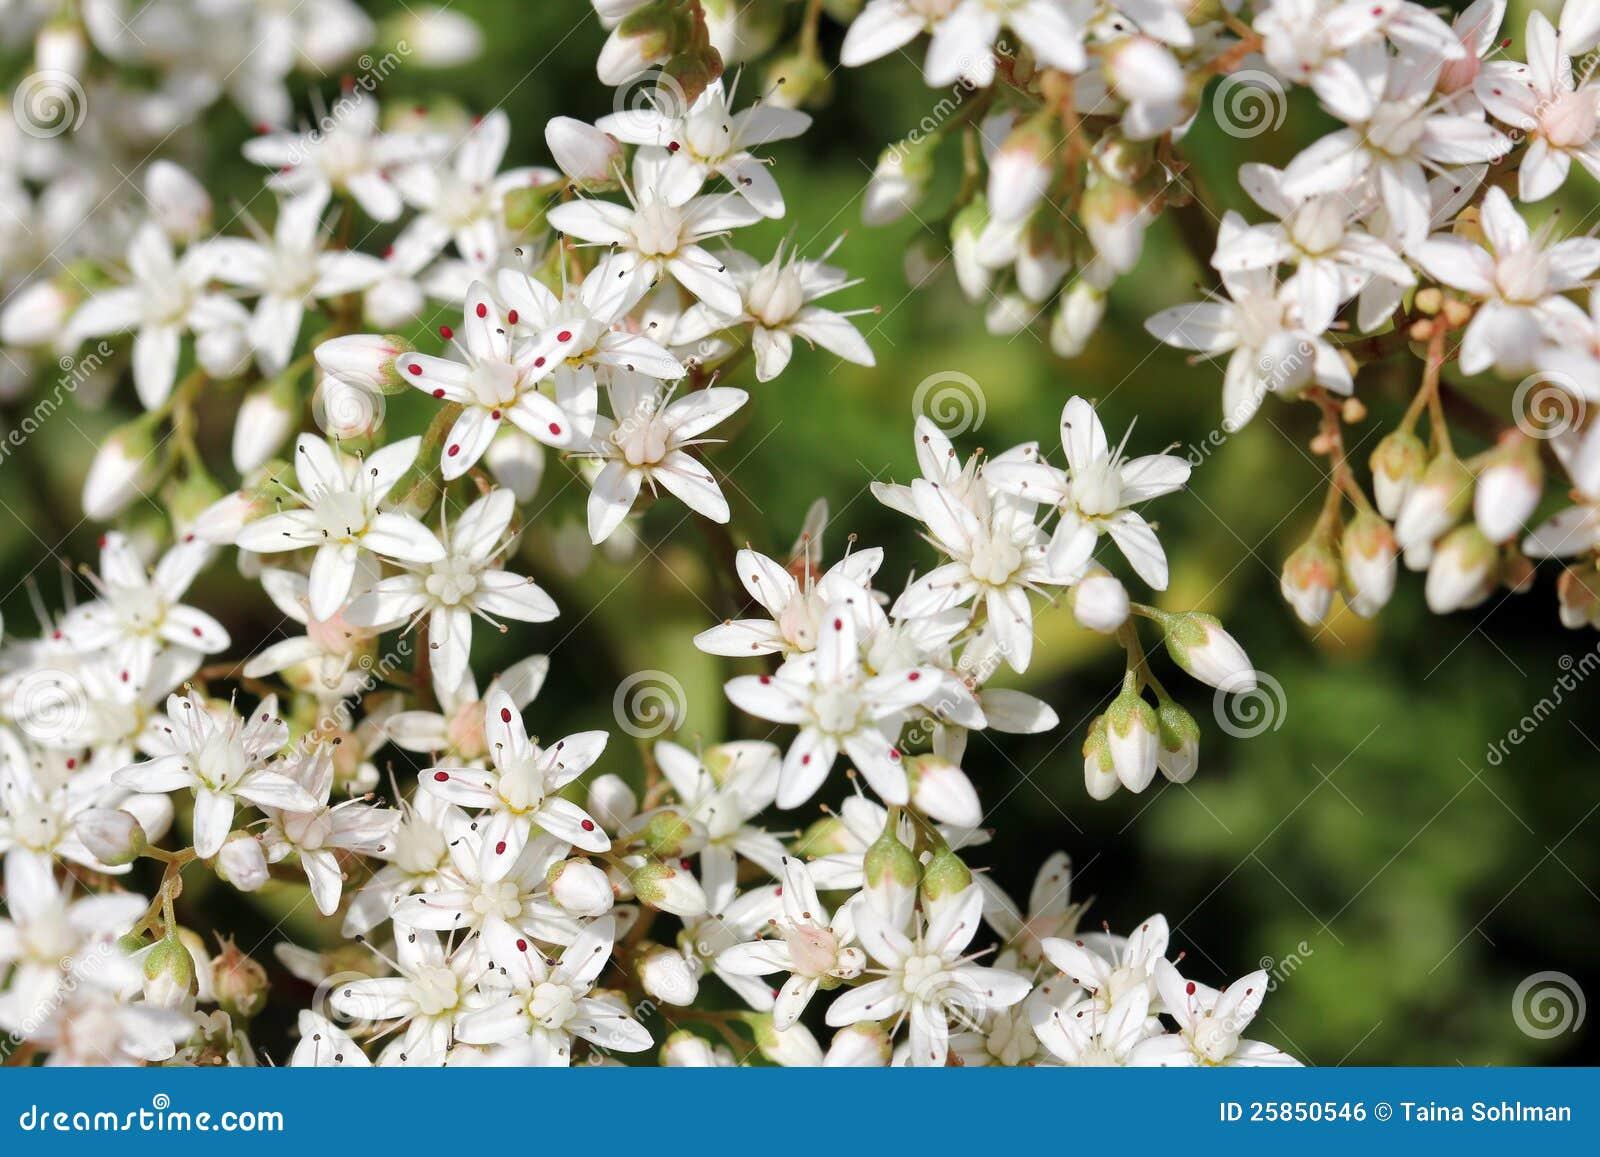 White flowers of Sedum album (White Stonecrop)